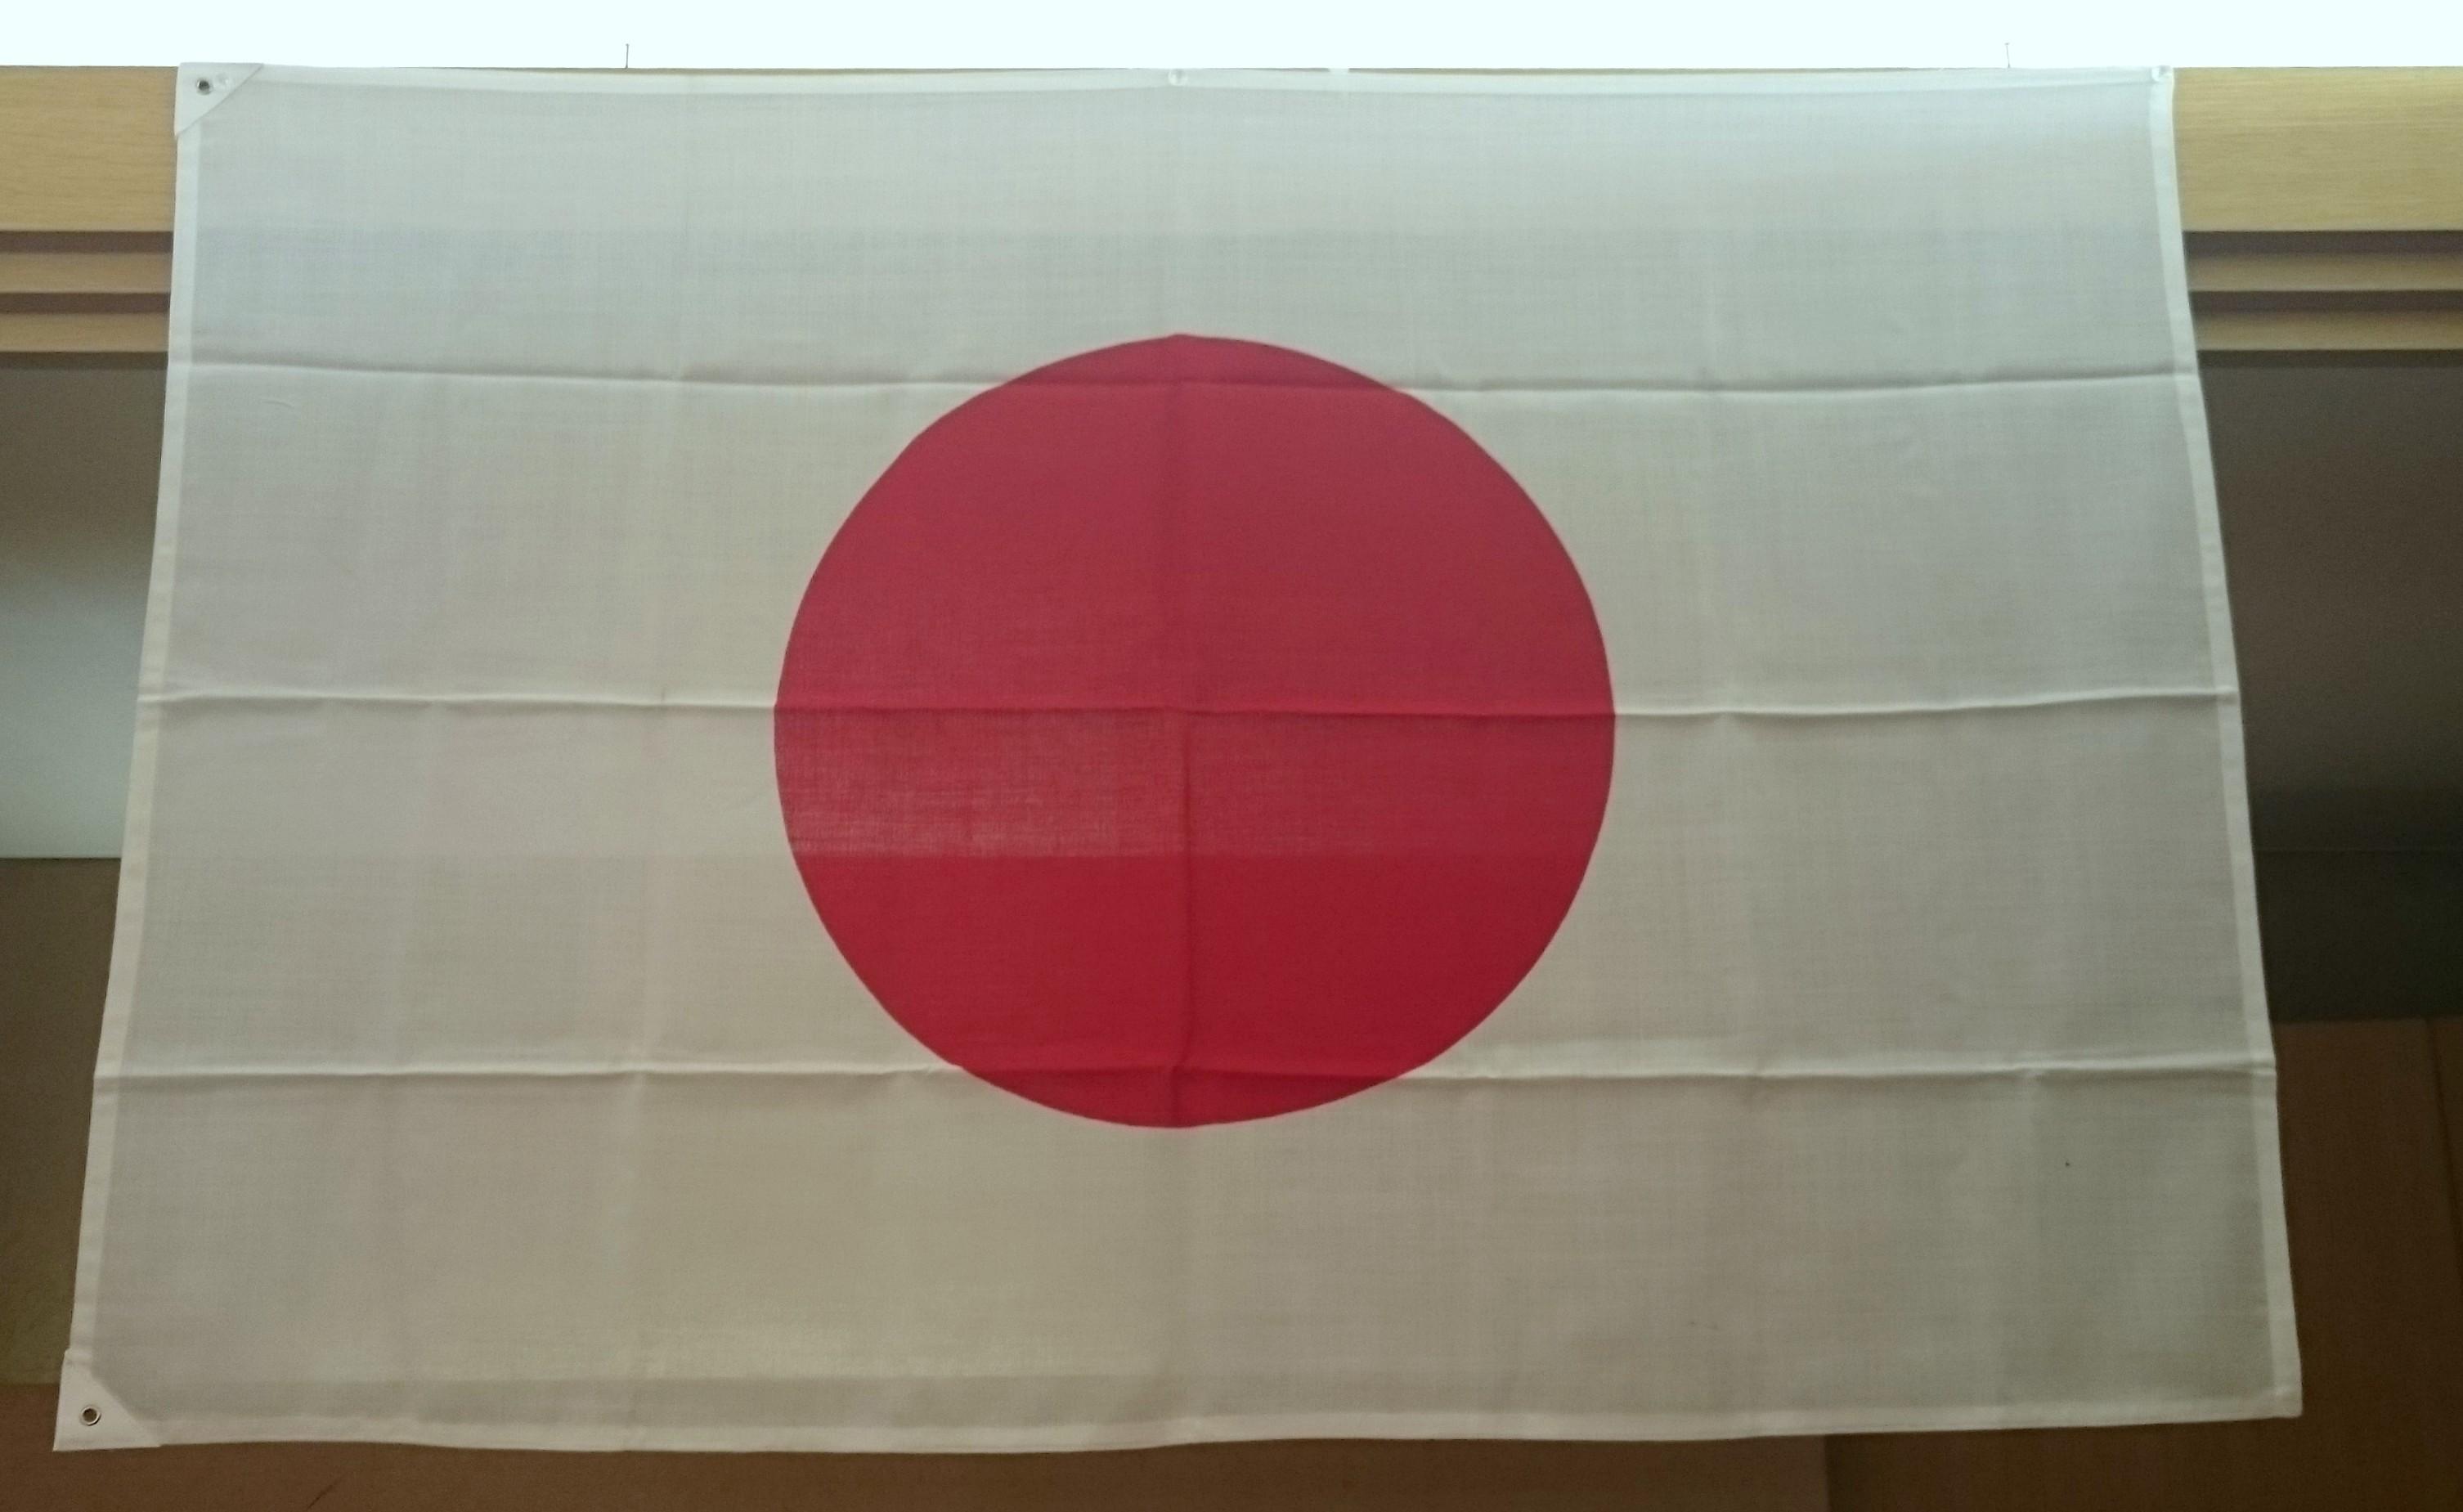 三重日仏協会は、フランスに関心を持つ県内の人たちが、日本・フランスの相... 三重大学 三重日仏